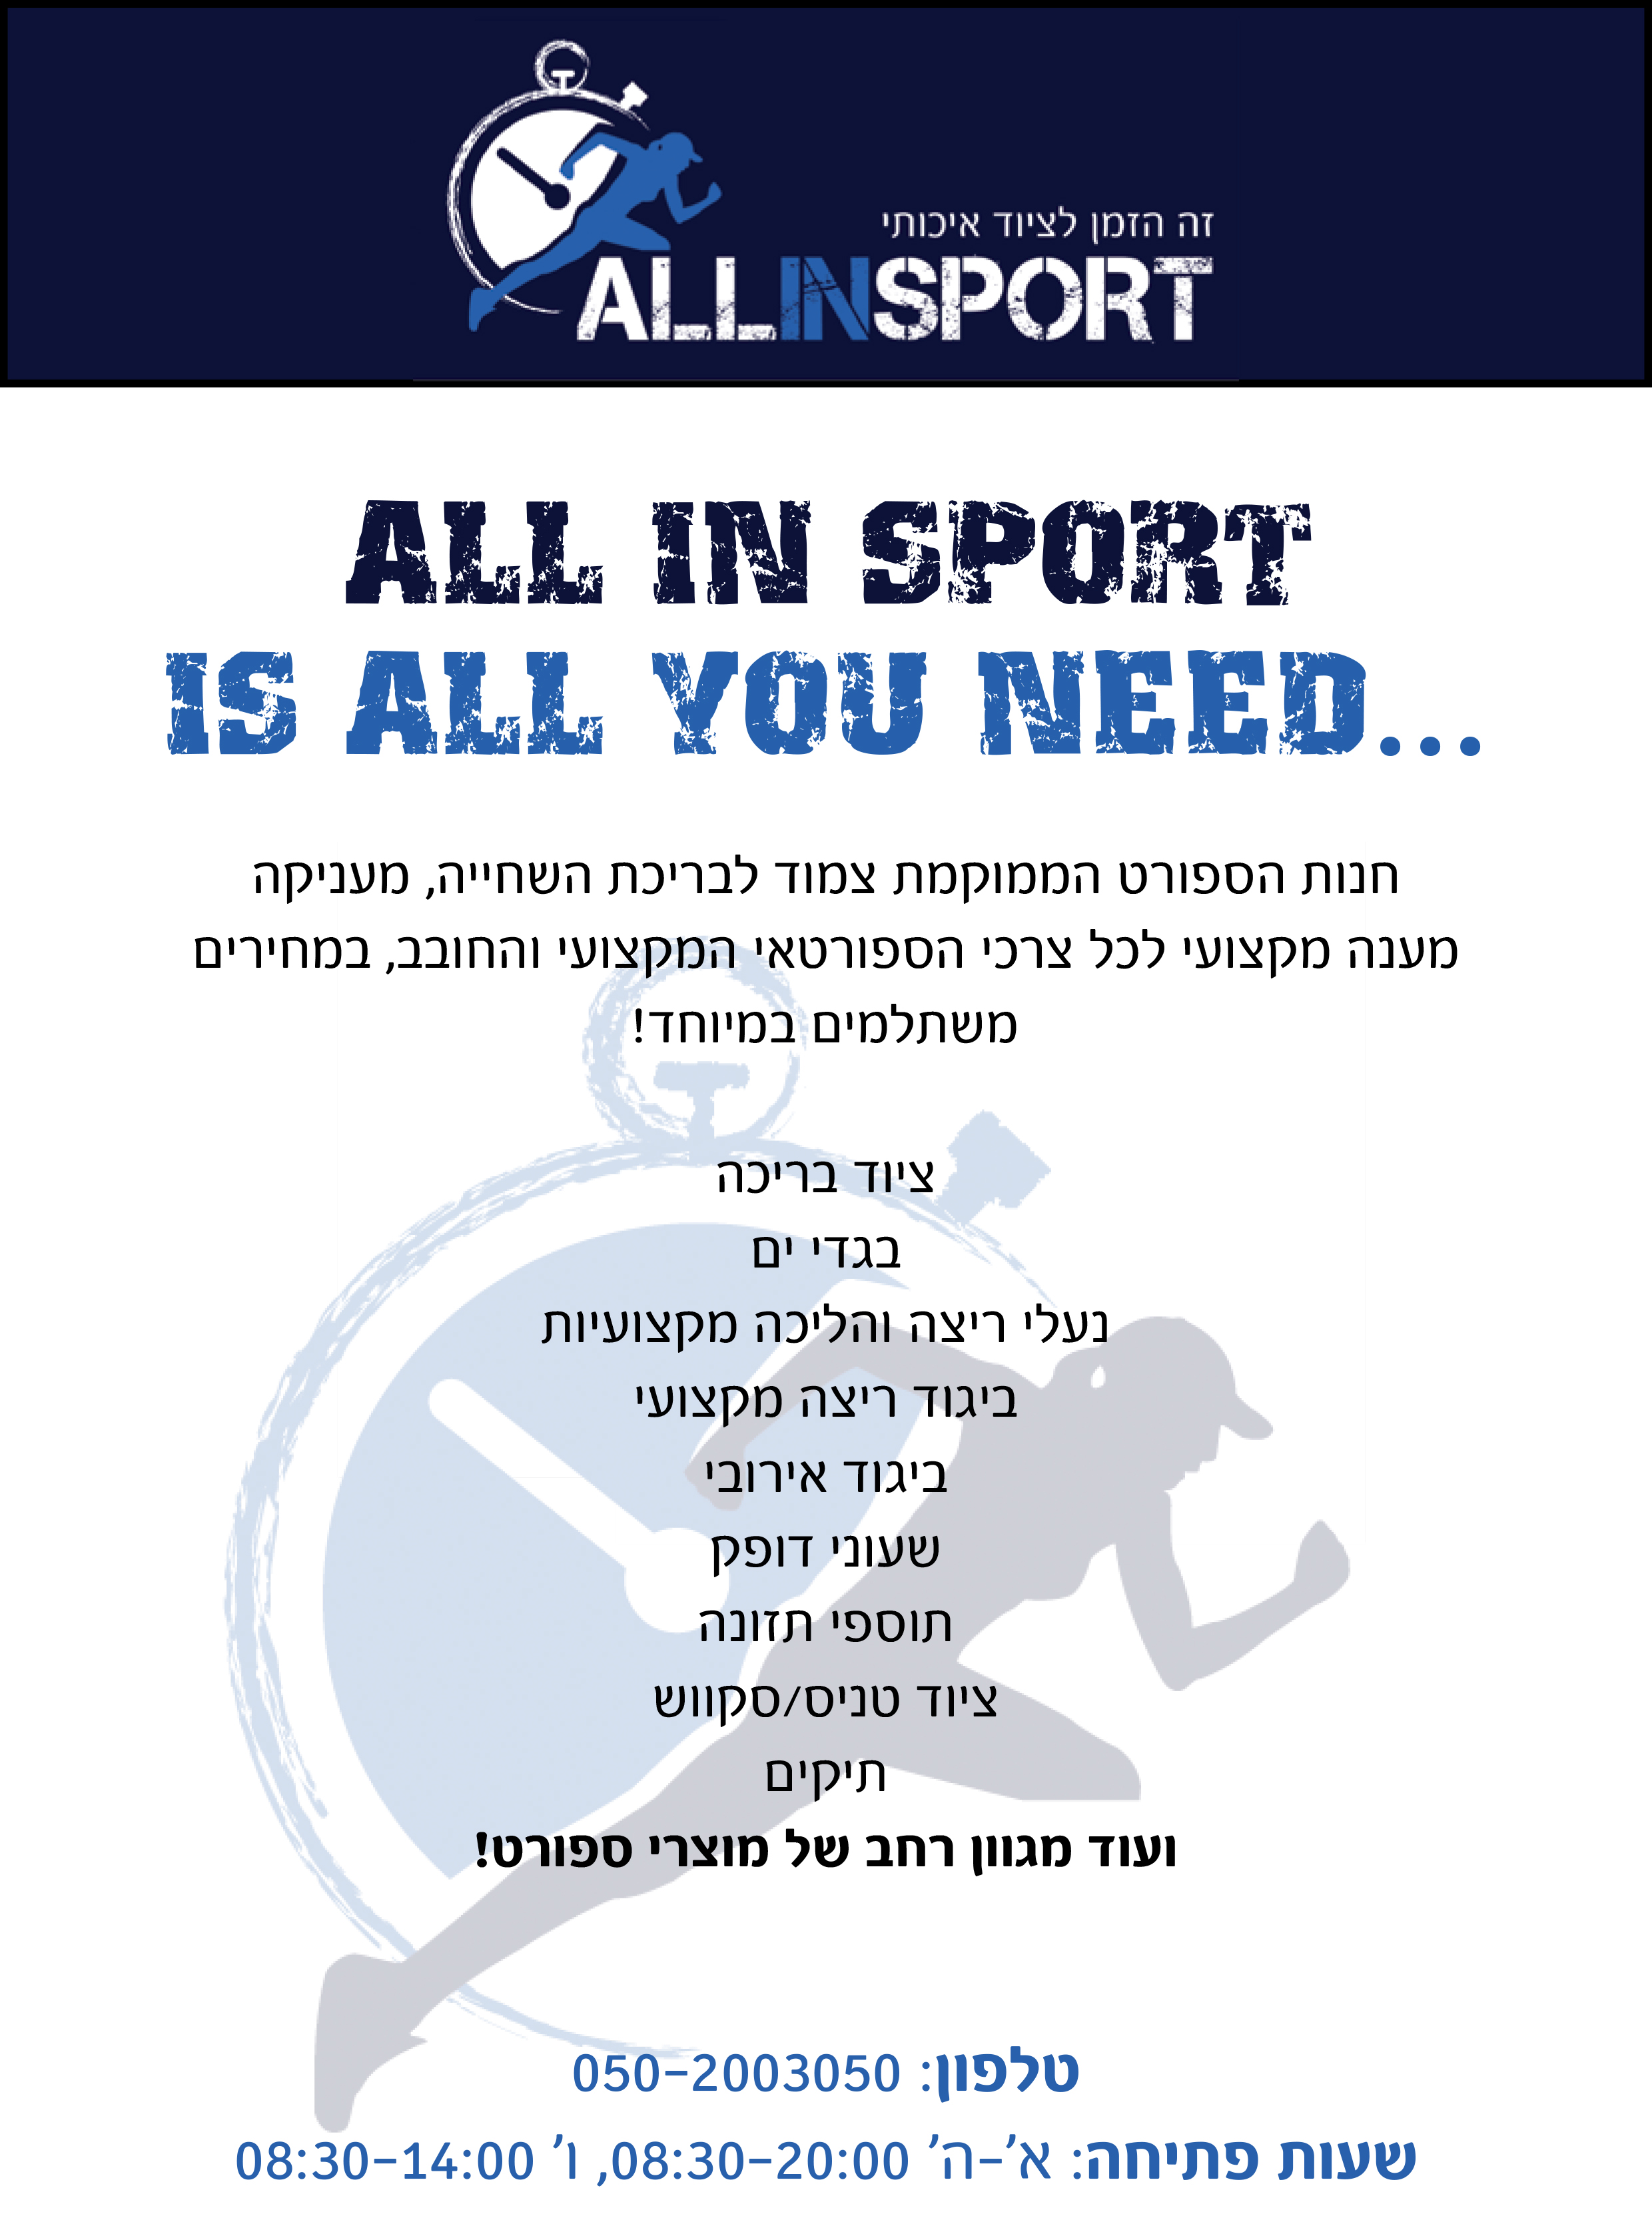 allsport